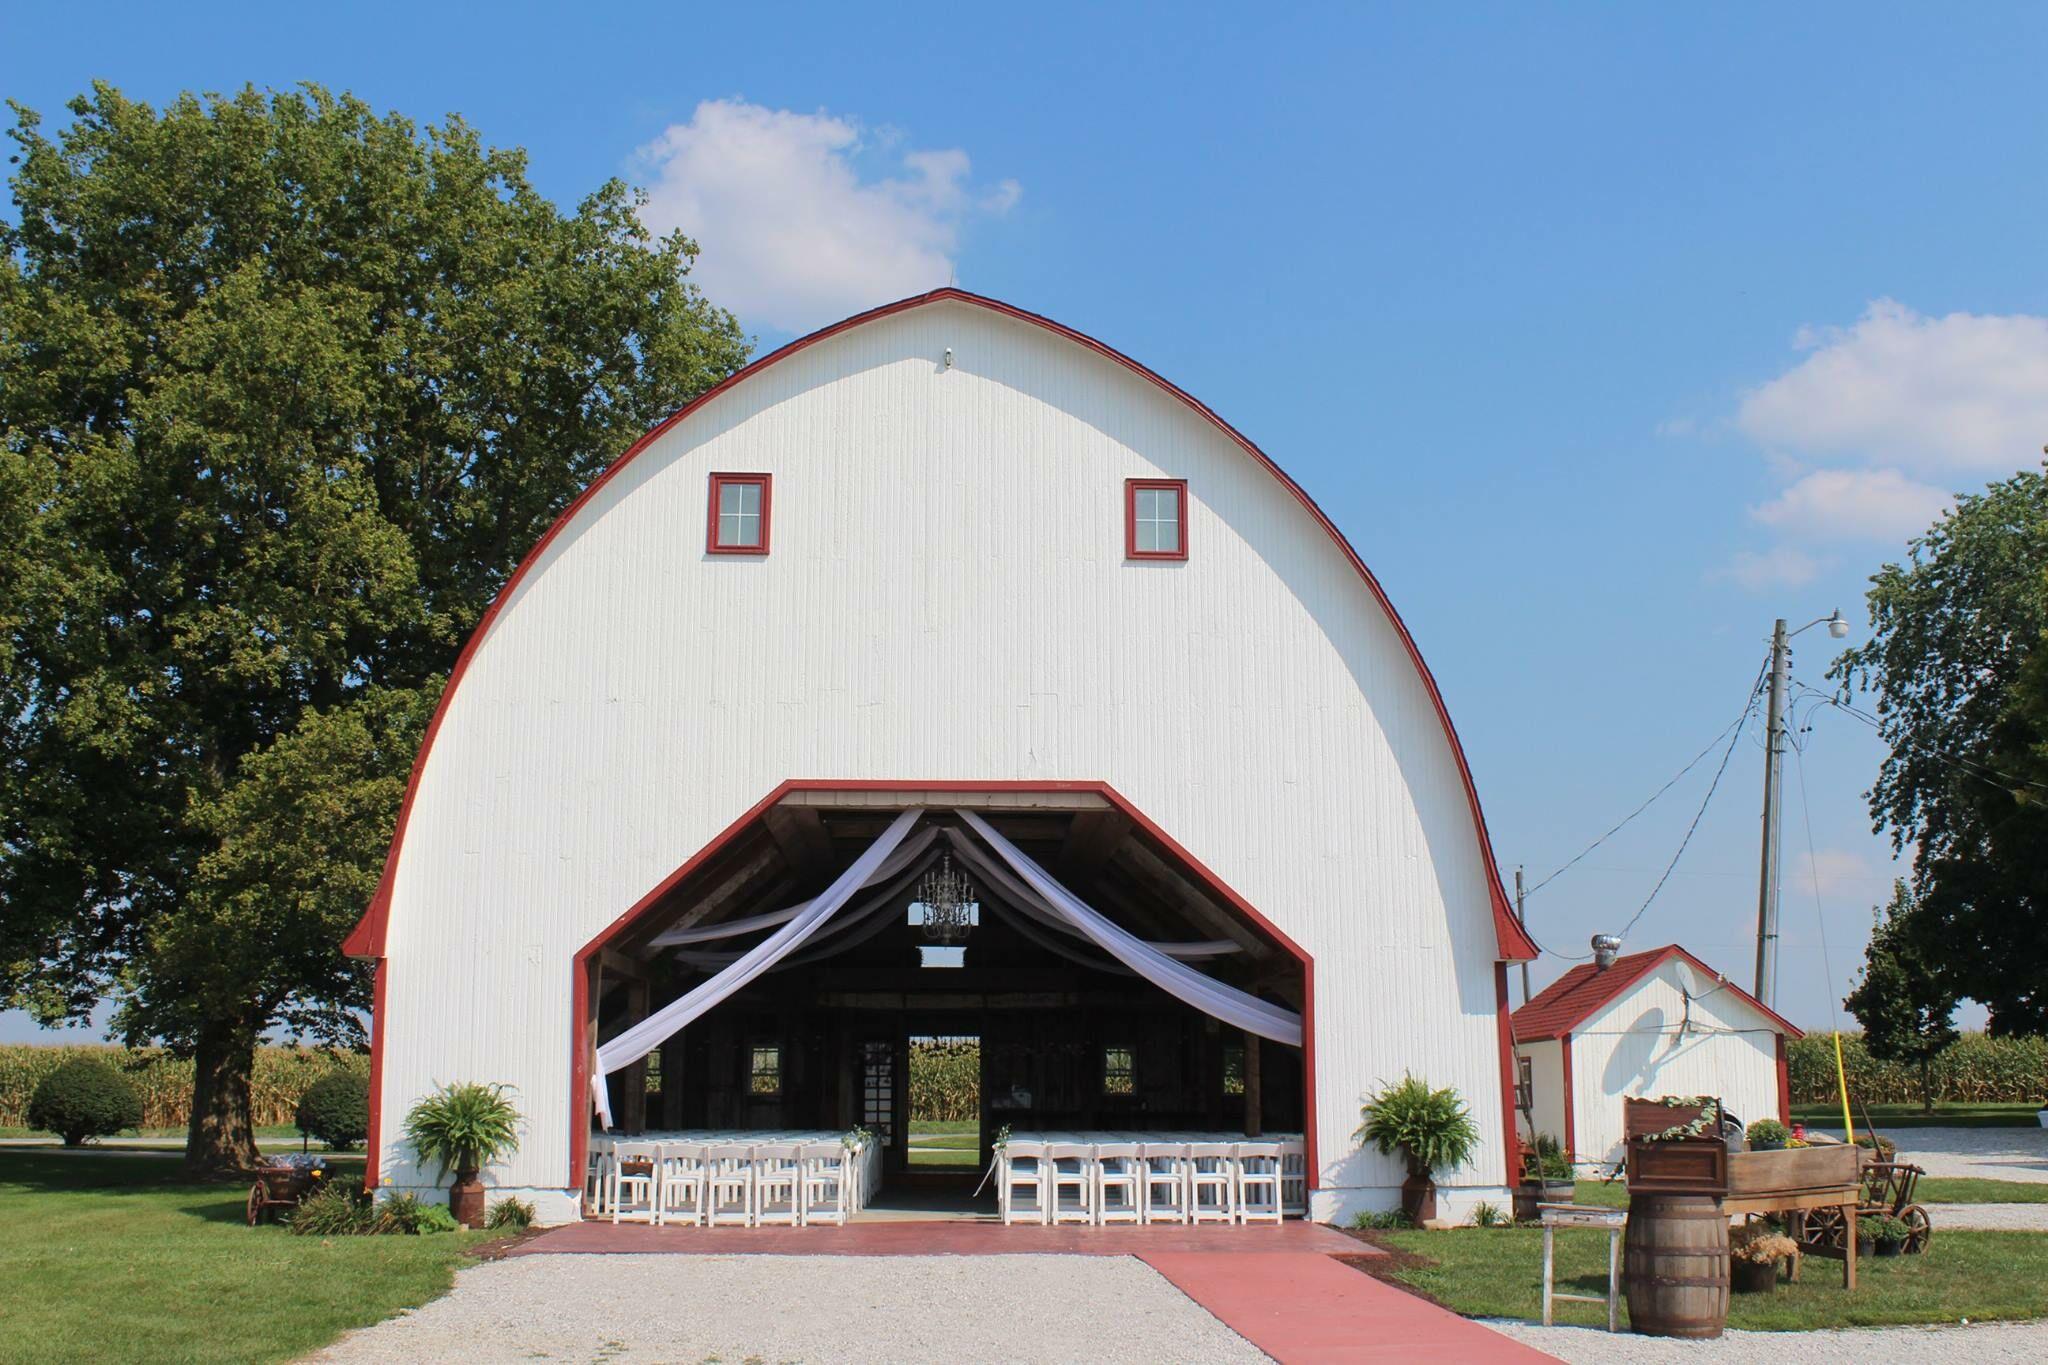 wedding reception crowne plazspringfield il%0A Hudson Farm Wedding  u     Events  LLC